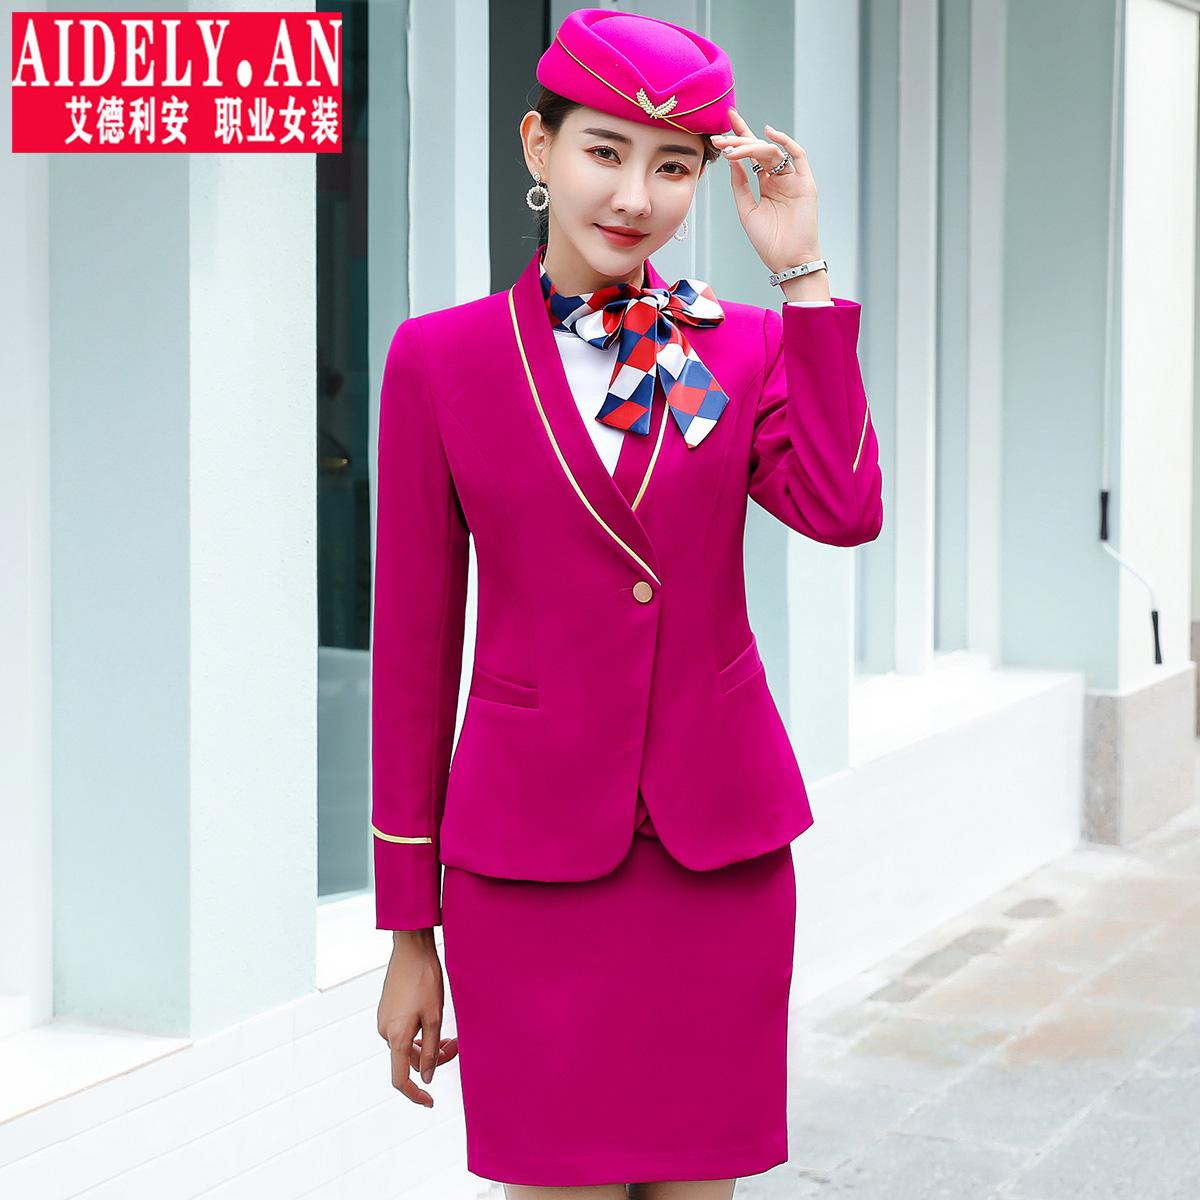 空姐制服女秋季珠宝店酒店前台接待工作服套装女南航空姐职业装女